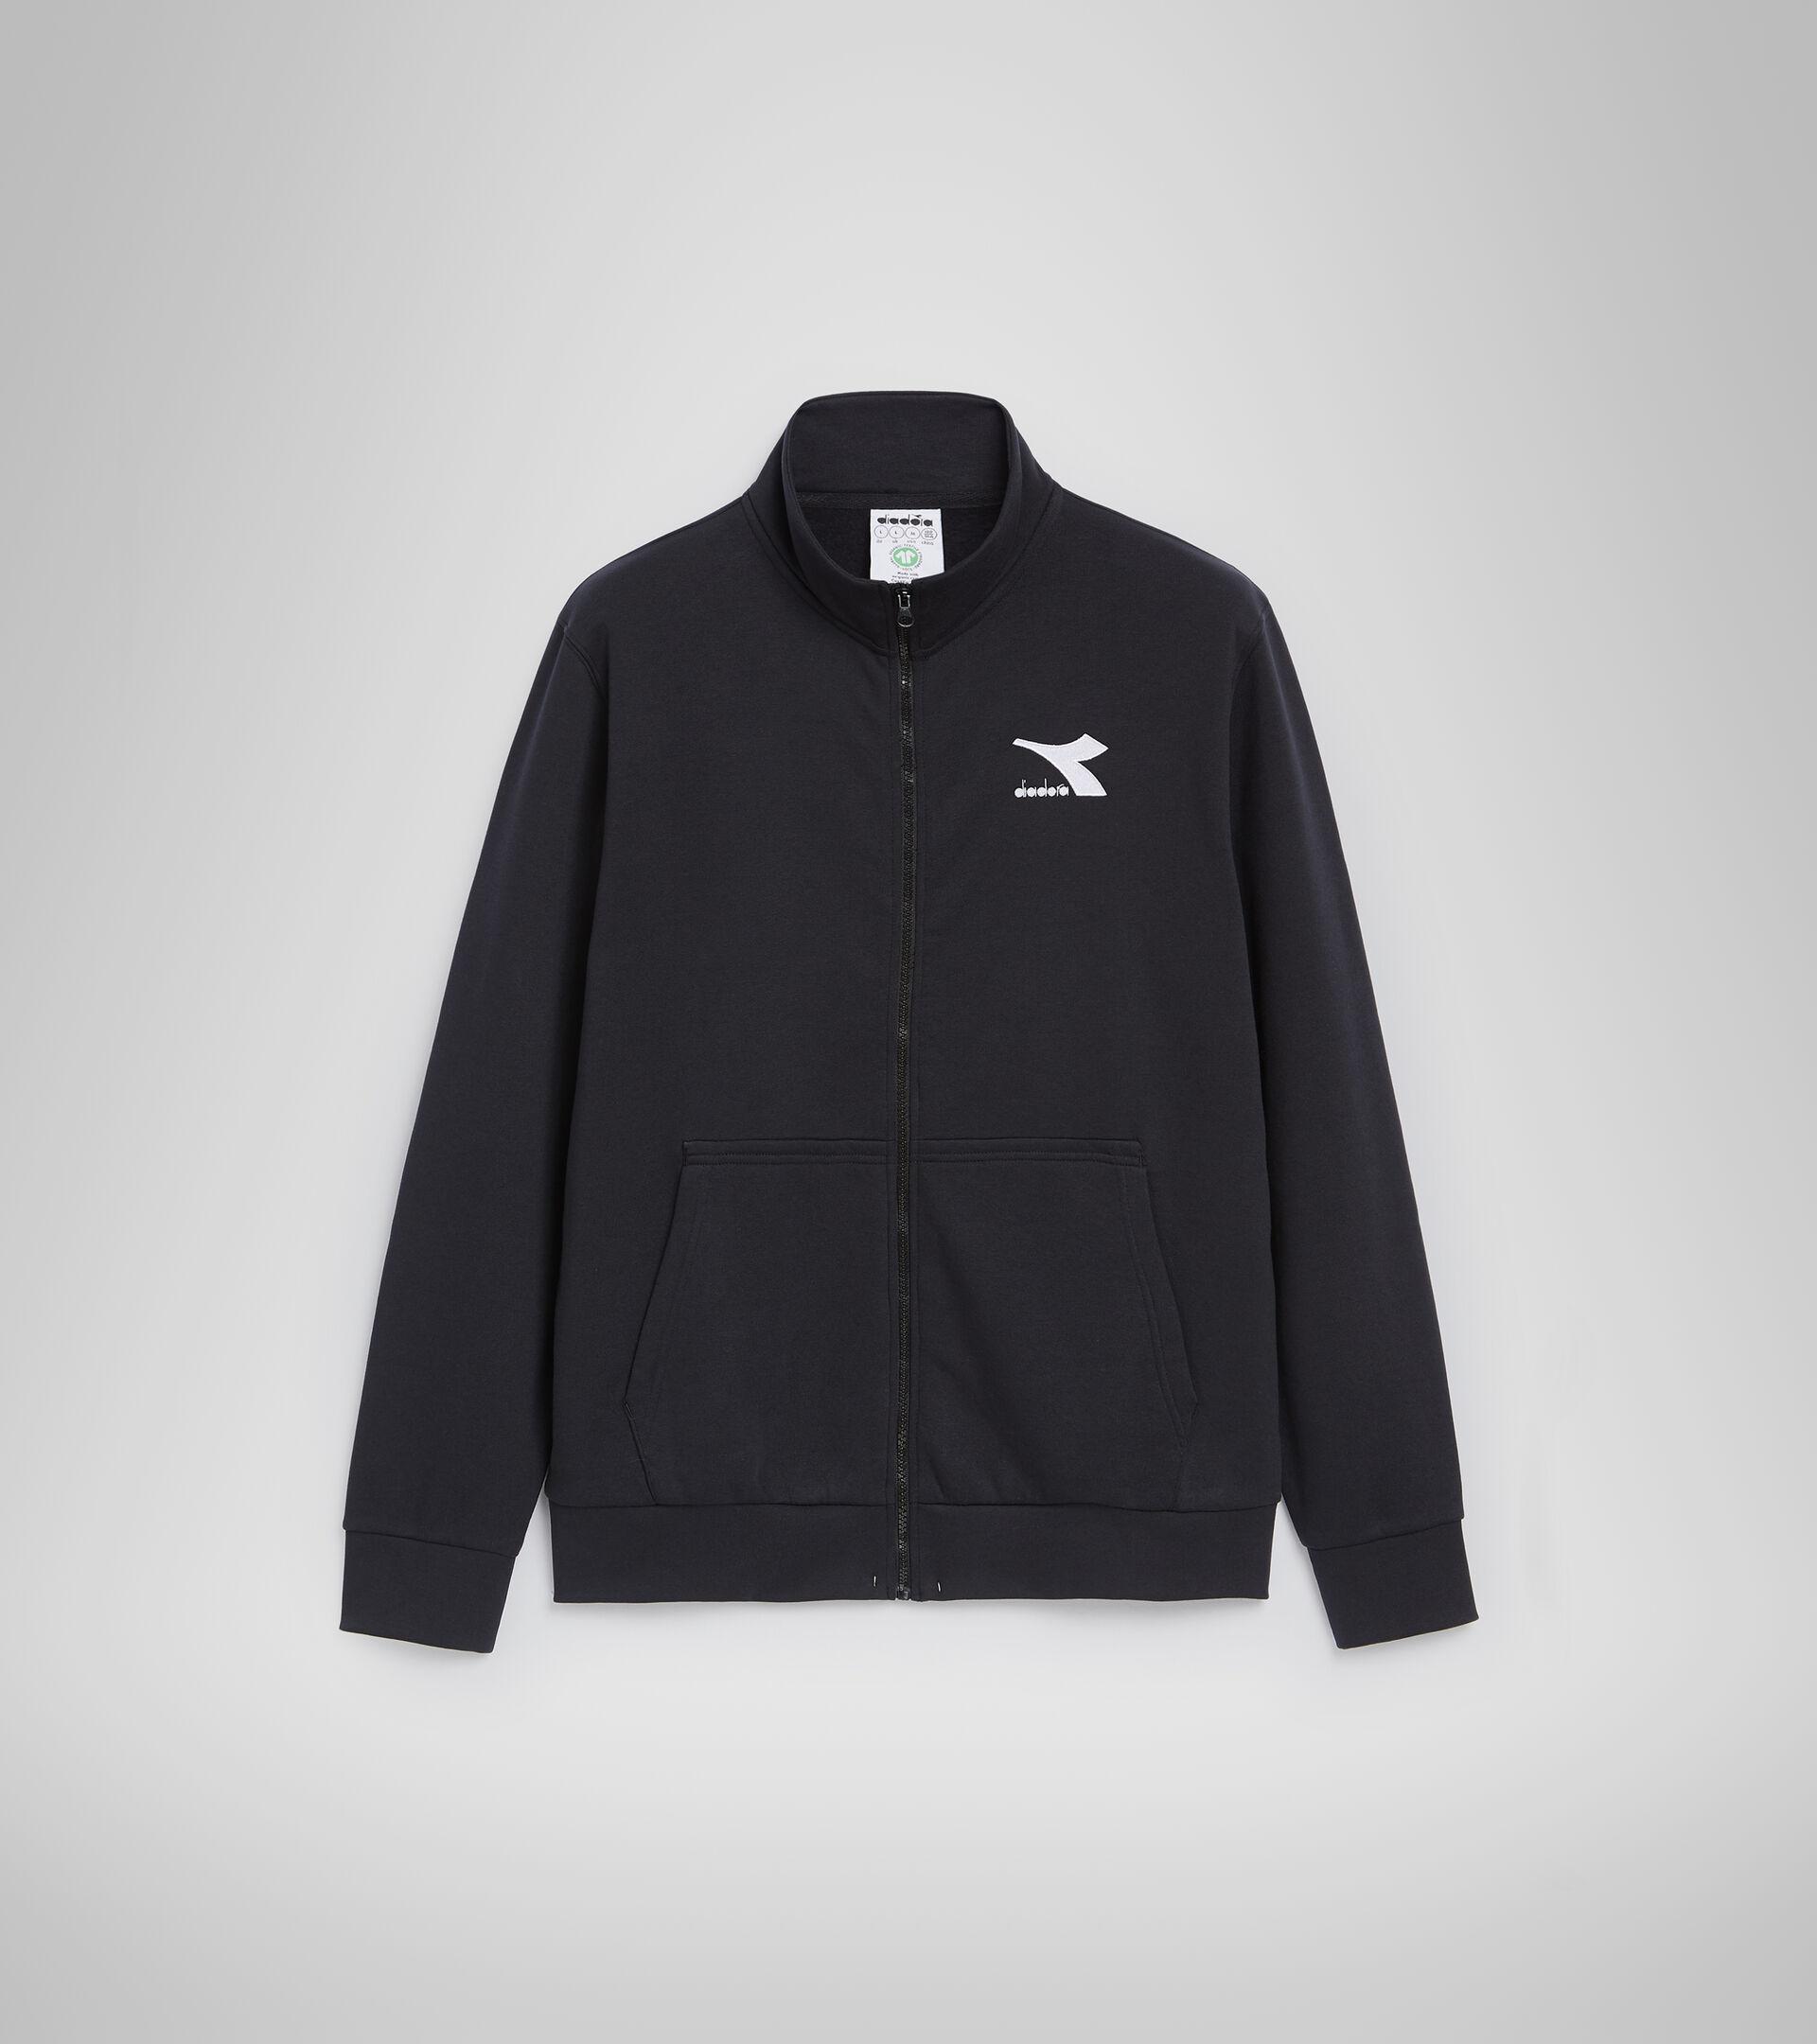 Sweater mit Rundhalsausschnitt - Herren SWEAT FZ CORE SCHWARZ - Diadora